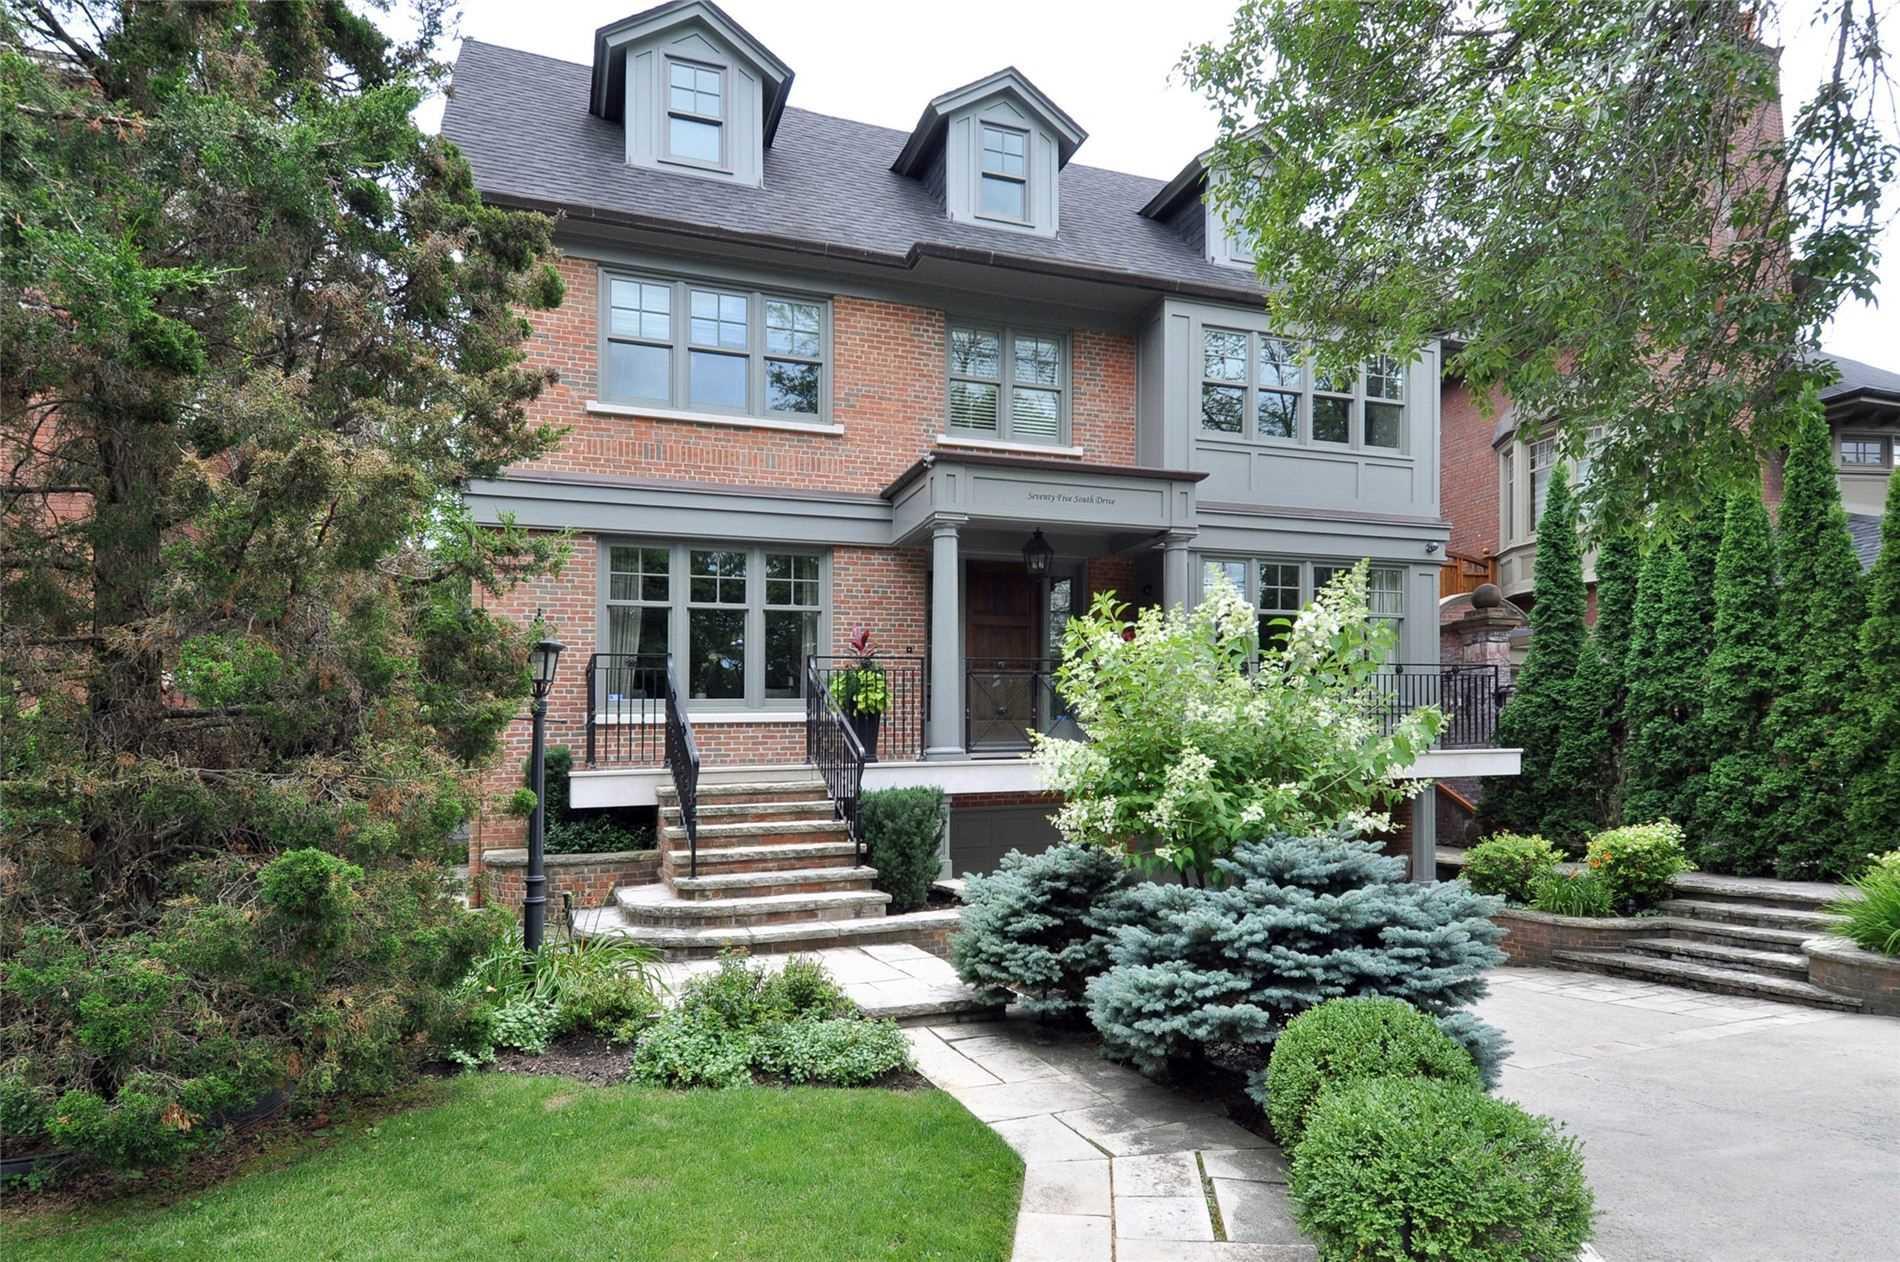 75 South Dr, Toronto, M4W 1R4